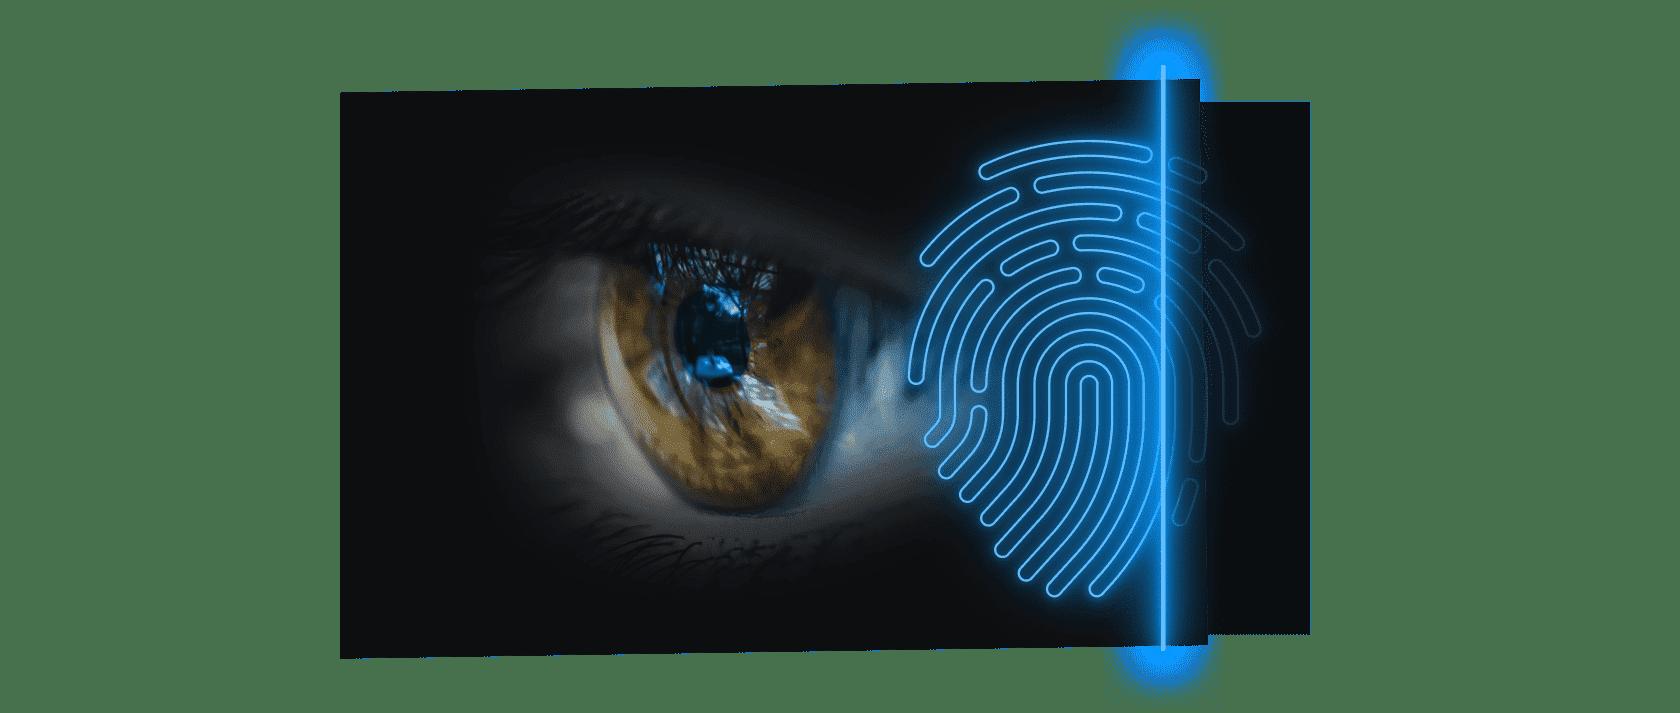 tvorba bezpecneo mobilneho bankovnictva vdaka bioometrii ios android